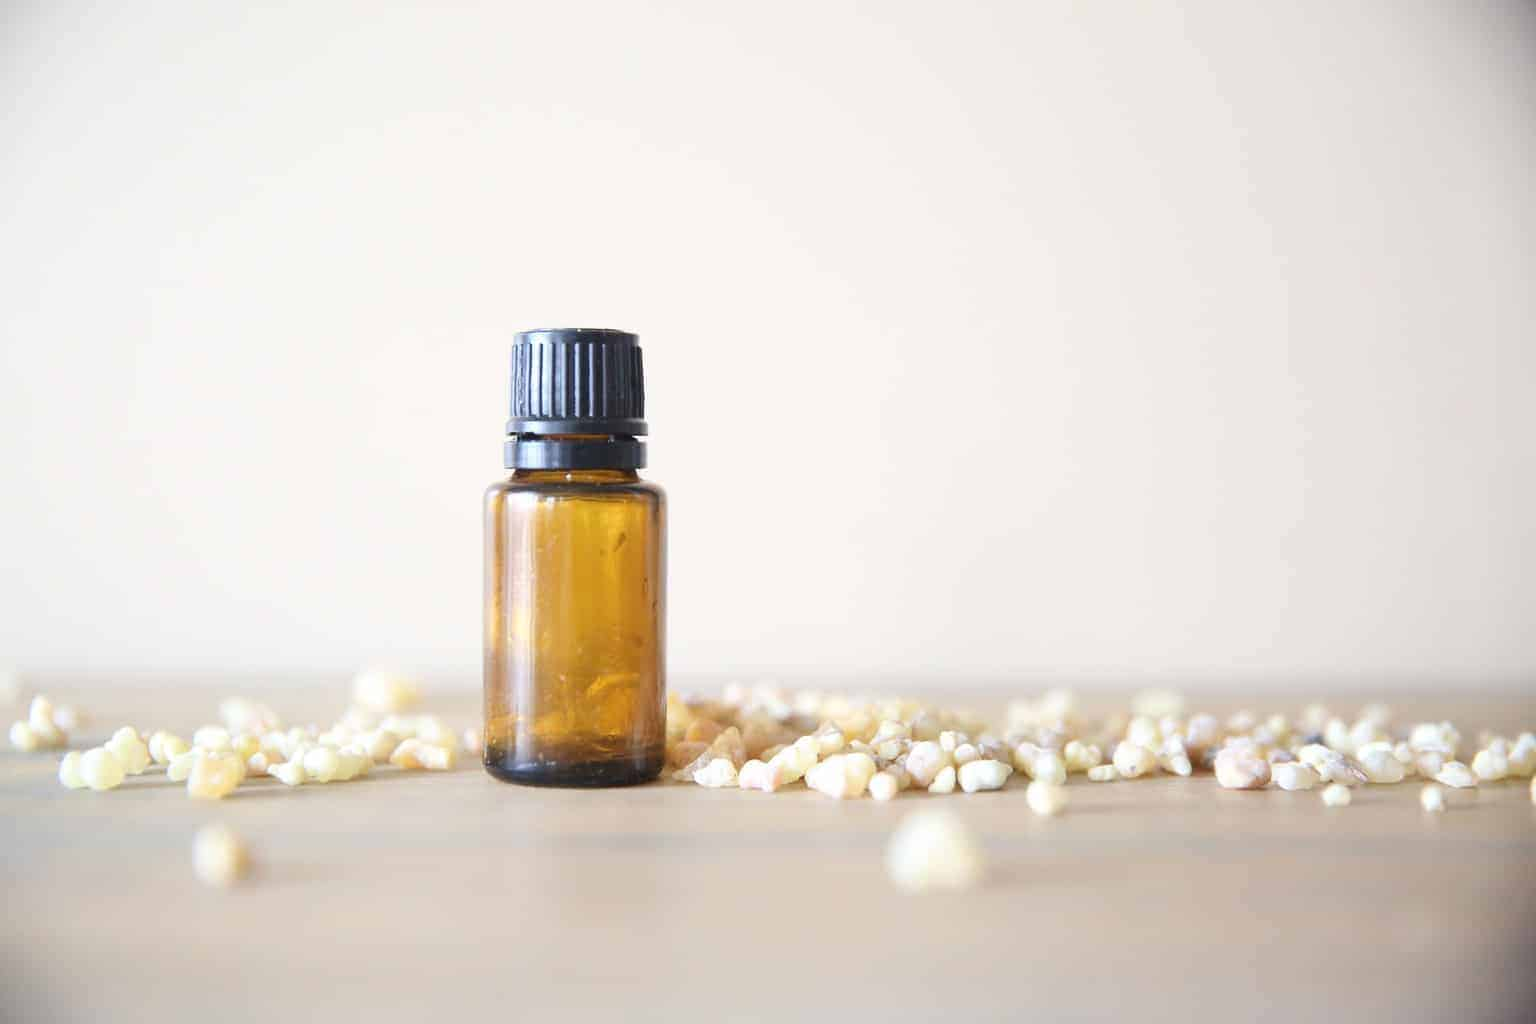 Myrrh essential oil bottle.